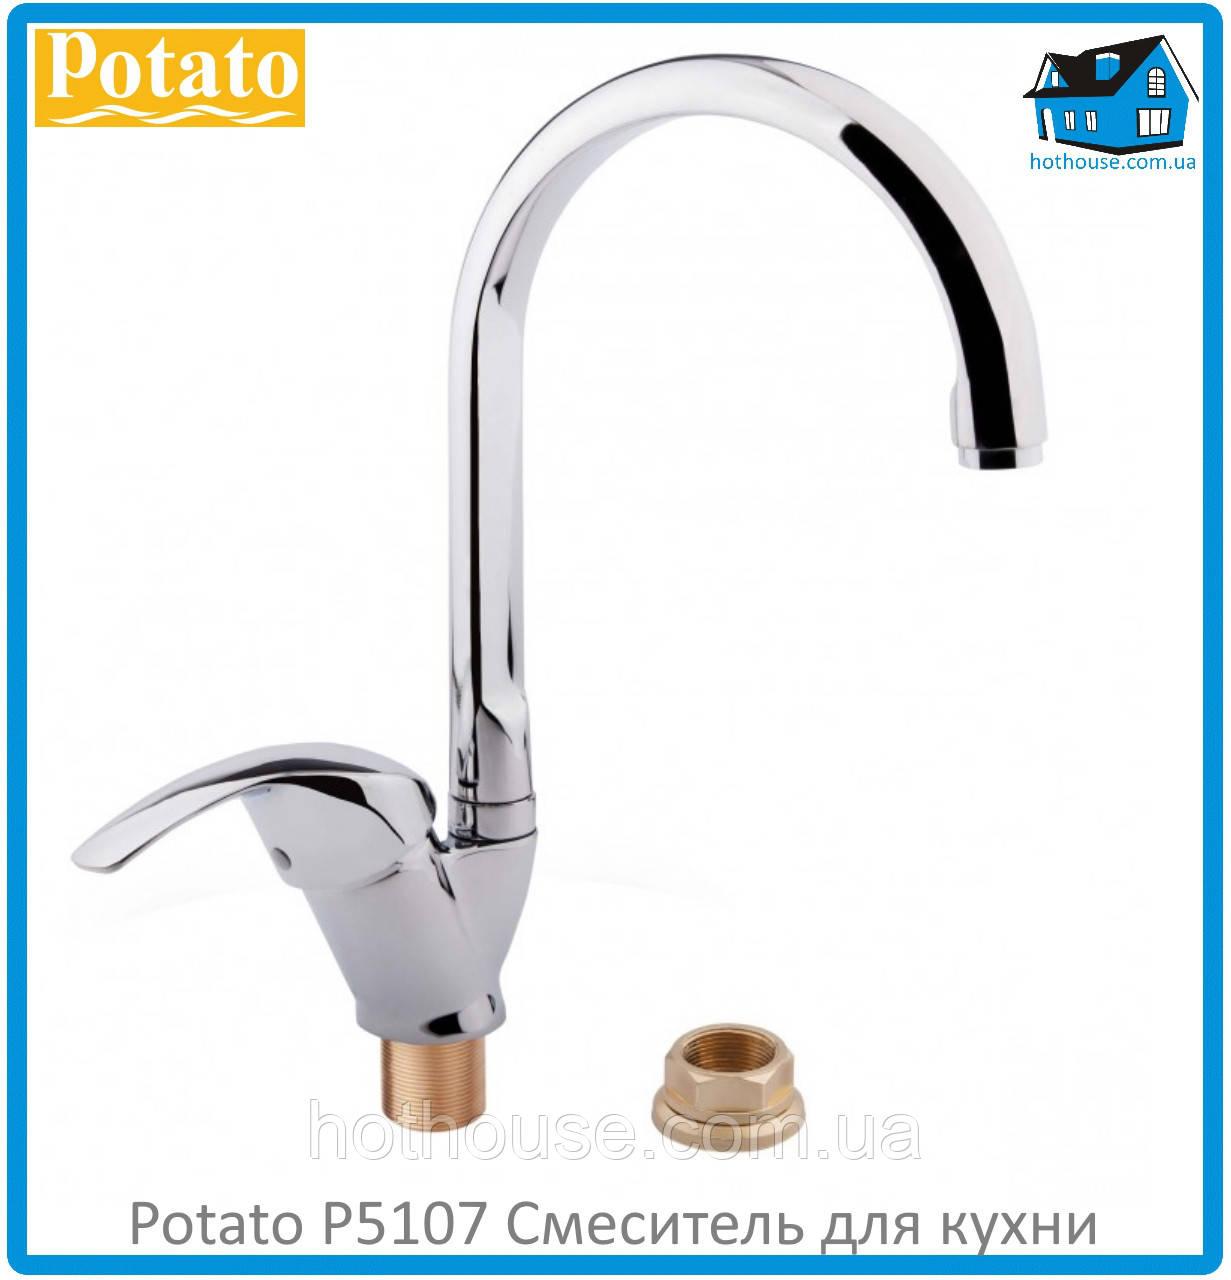 Смеситель для кухни Potato P5107